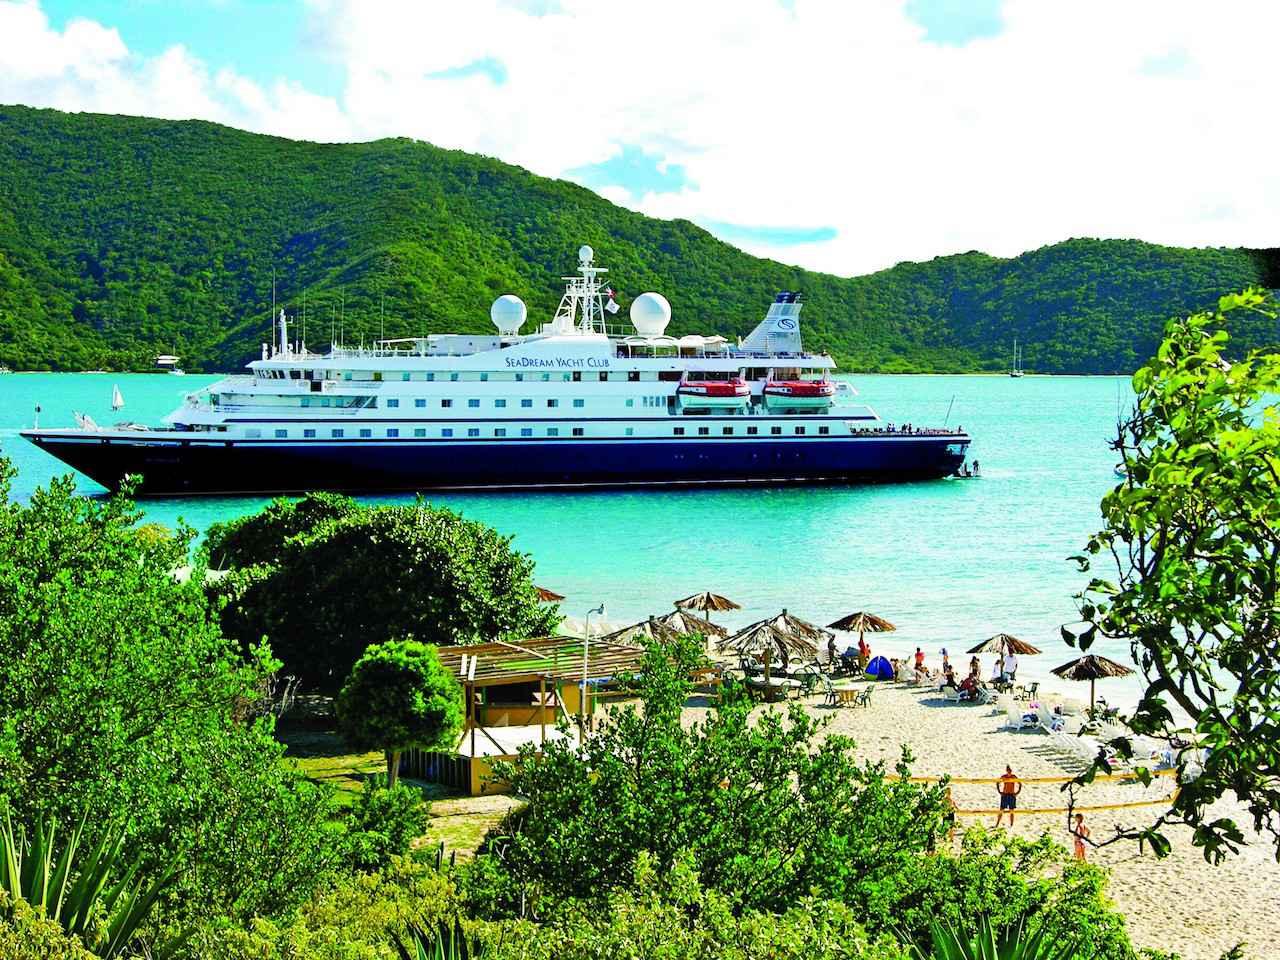 Britis Virgin Islands